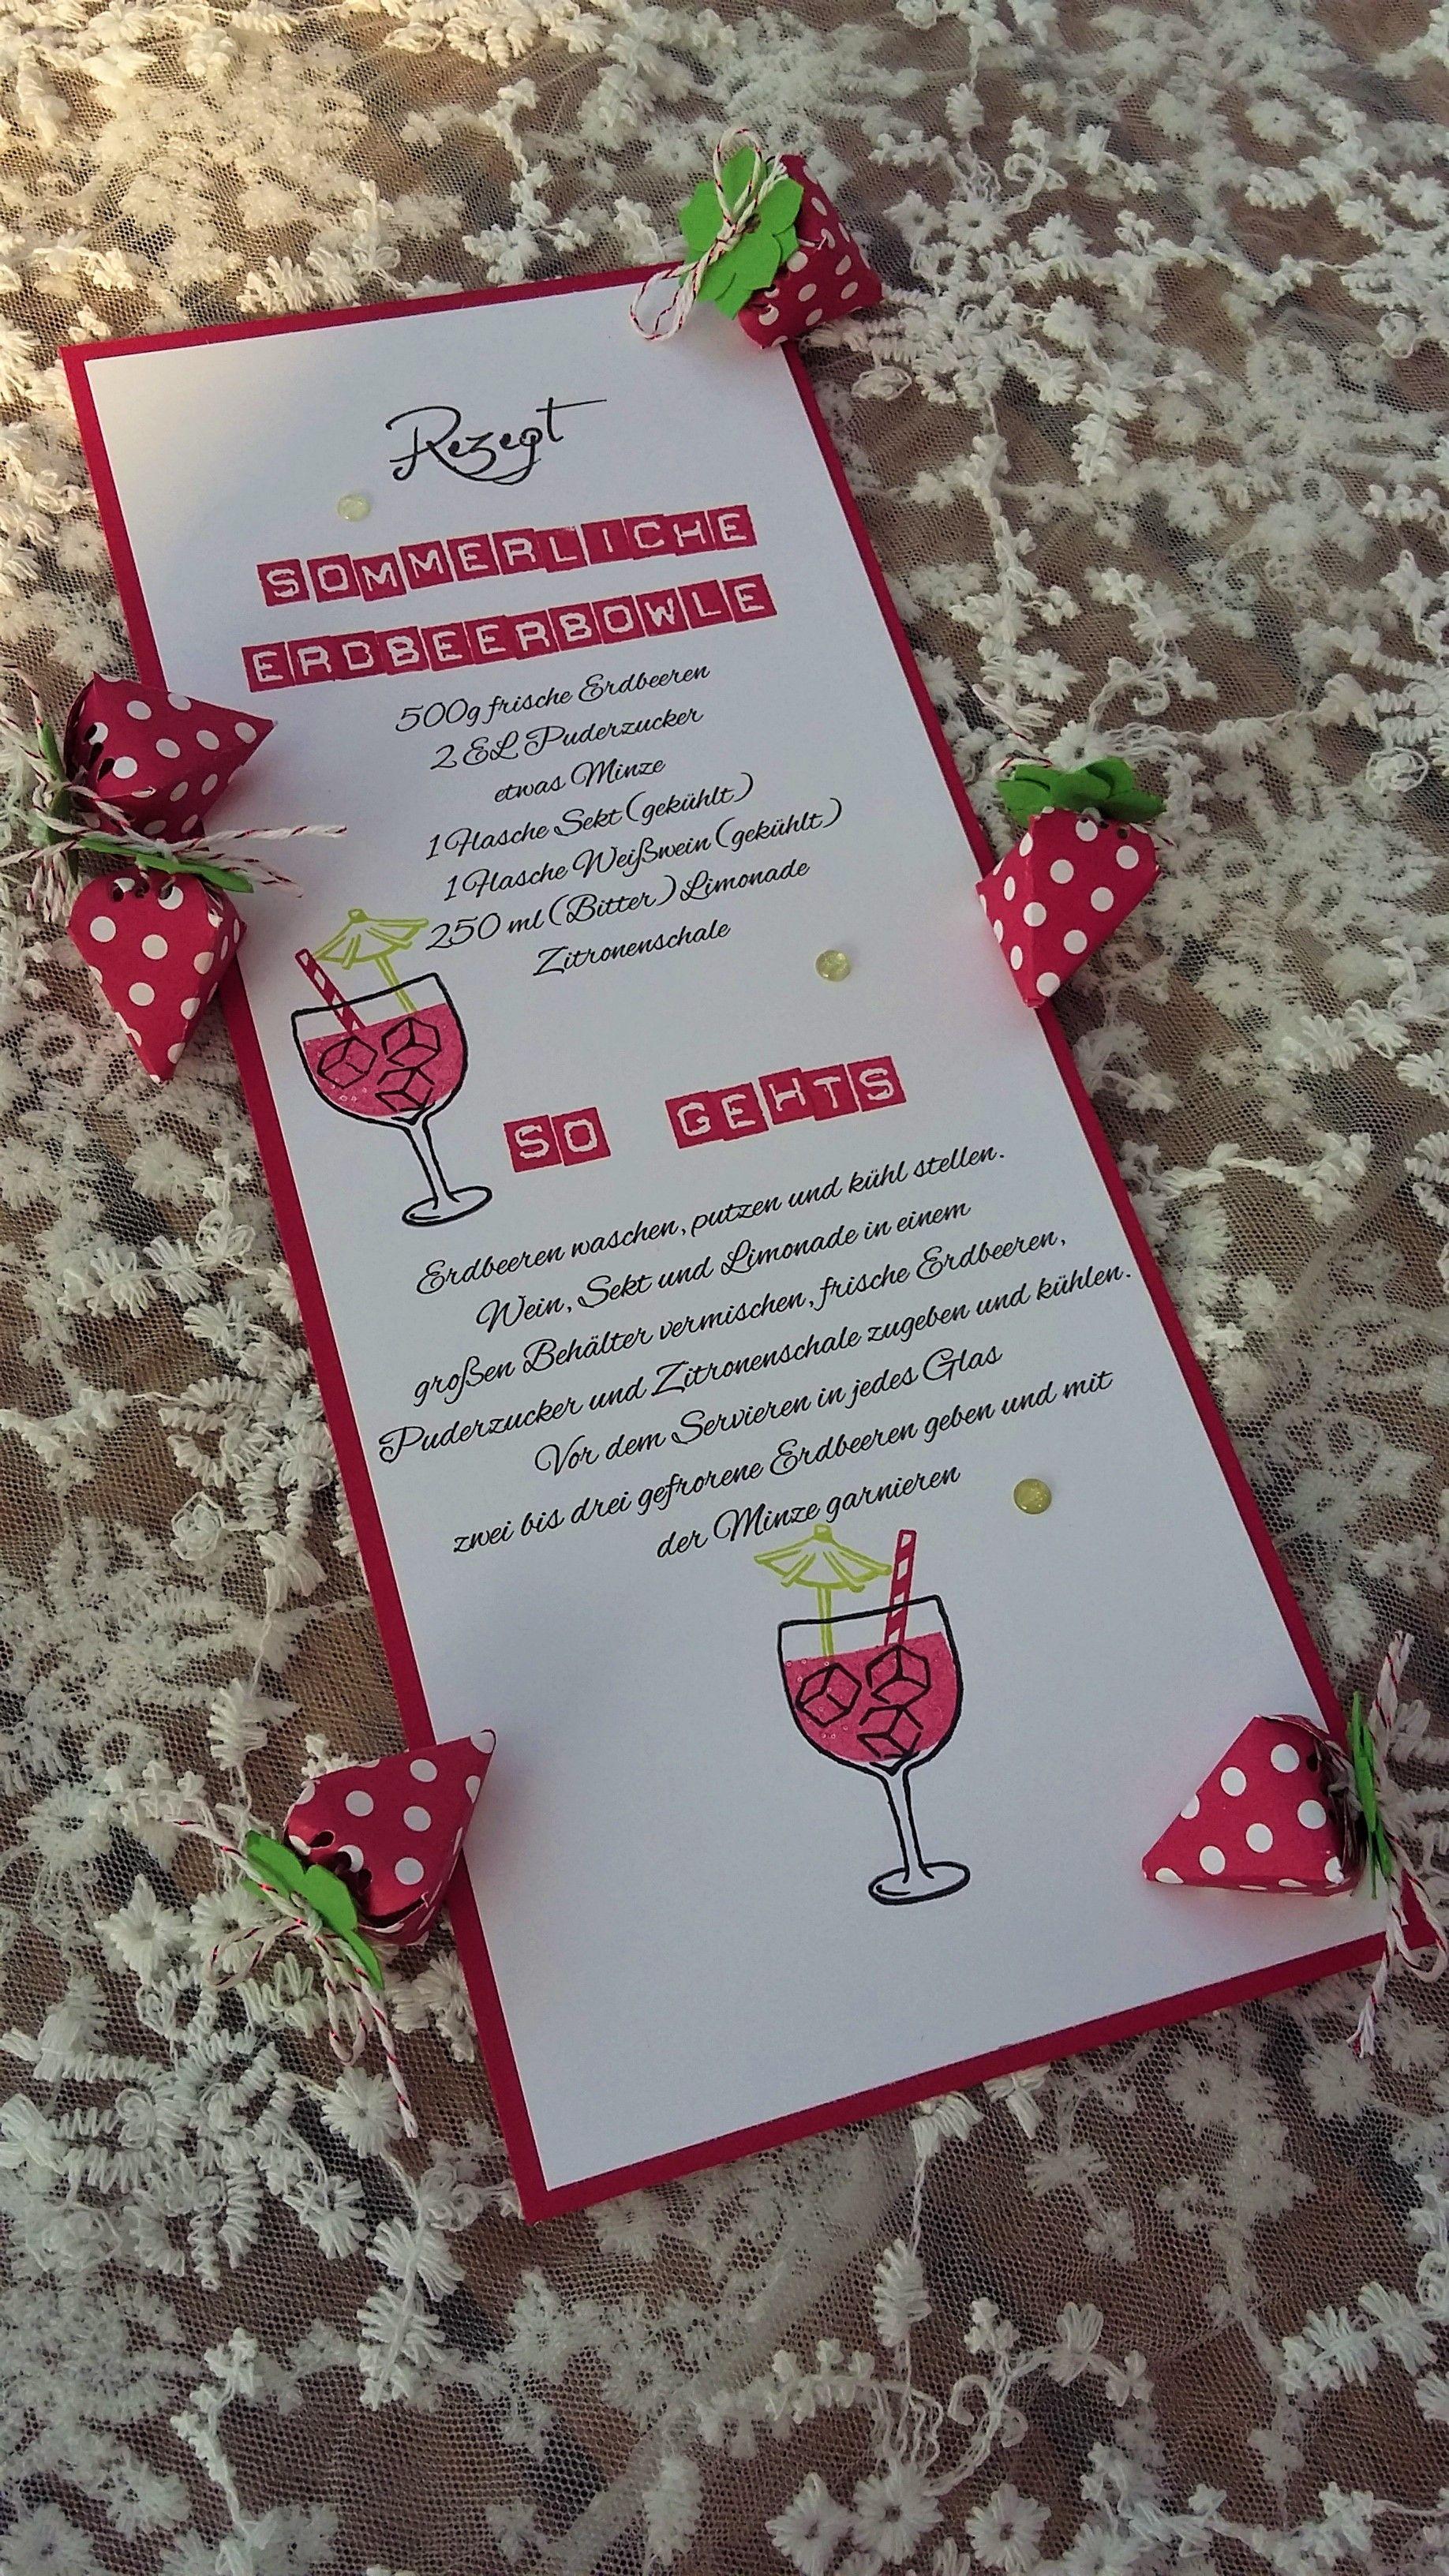 BlogHop Grüße aus der Küche Sommerliche Erdbeerbowle Erdbeeren Glutrot Limette Stampin